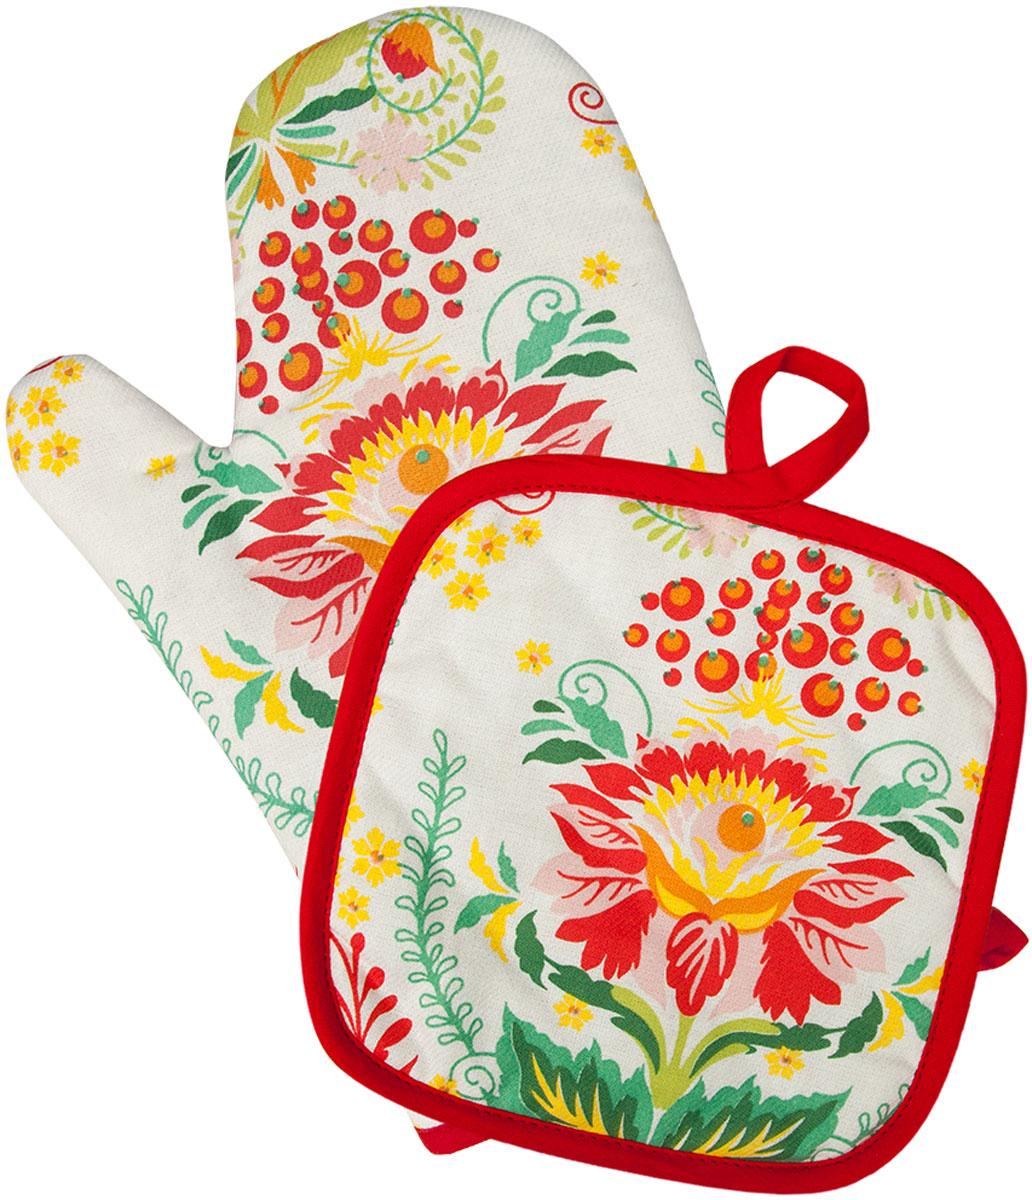 Набор прихваток Bonita Калинка, 2 предмета11010816756Набор Bonita состоит из прихватки-рукавицы и квадратной прихватки. Изделия выполнены из натурального хлопка идекорированы оригинальным рисунком. Прихватки простеганы, а края окантованы. Оснащены специальными петельками, за которые их можно подвесить на крючок в любомудобном для вас месте. Такой набор красиво дополнит интерьер кухни.Размер рукавицы: 18 х 27 см.Размер прихватки: 18 х 18 см.